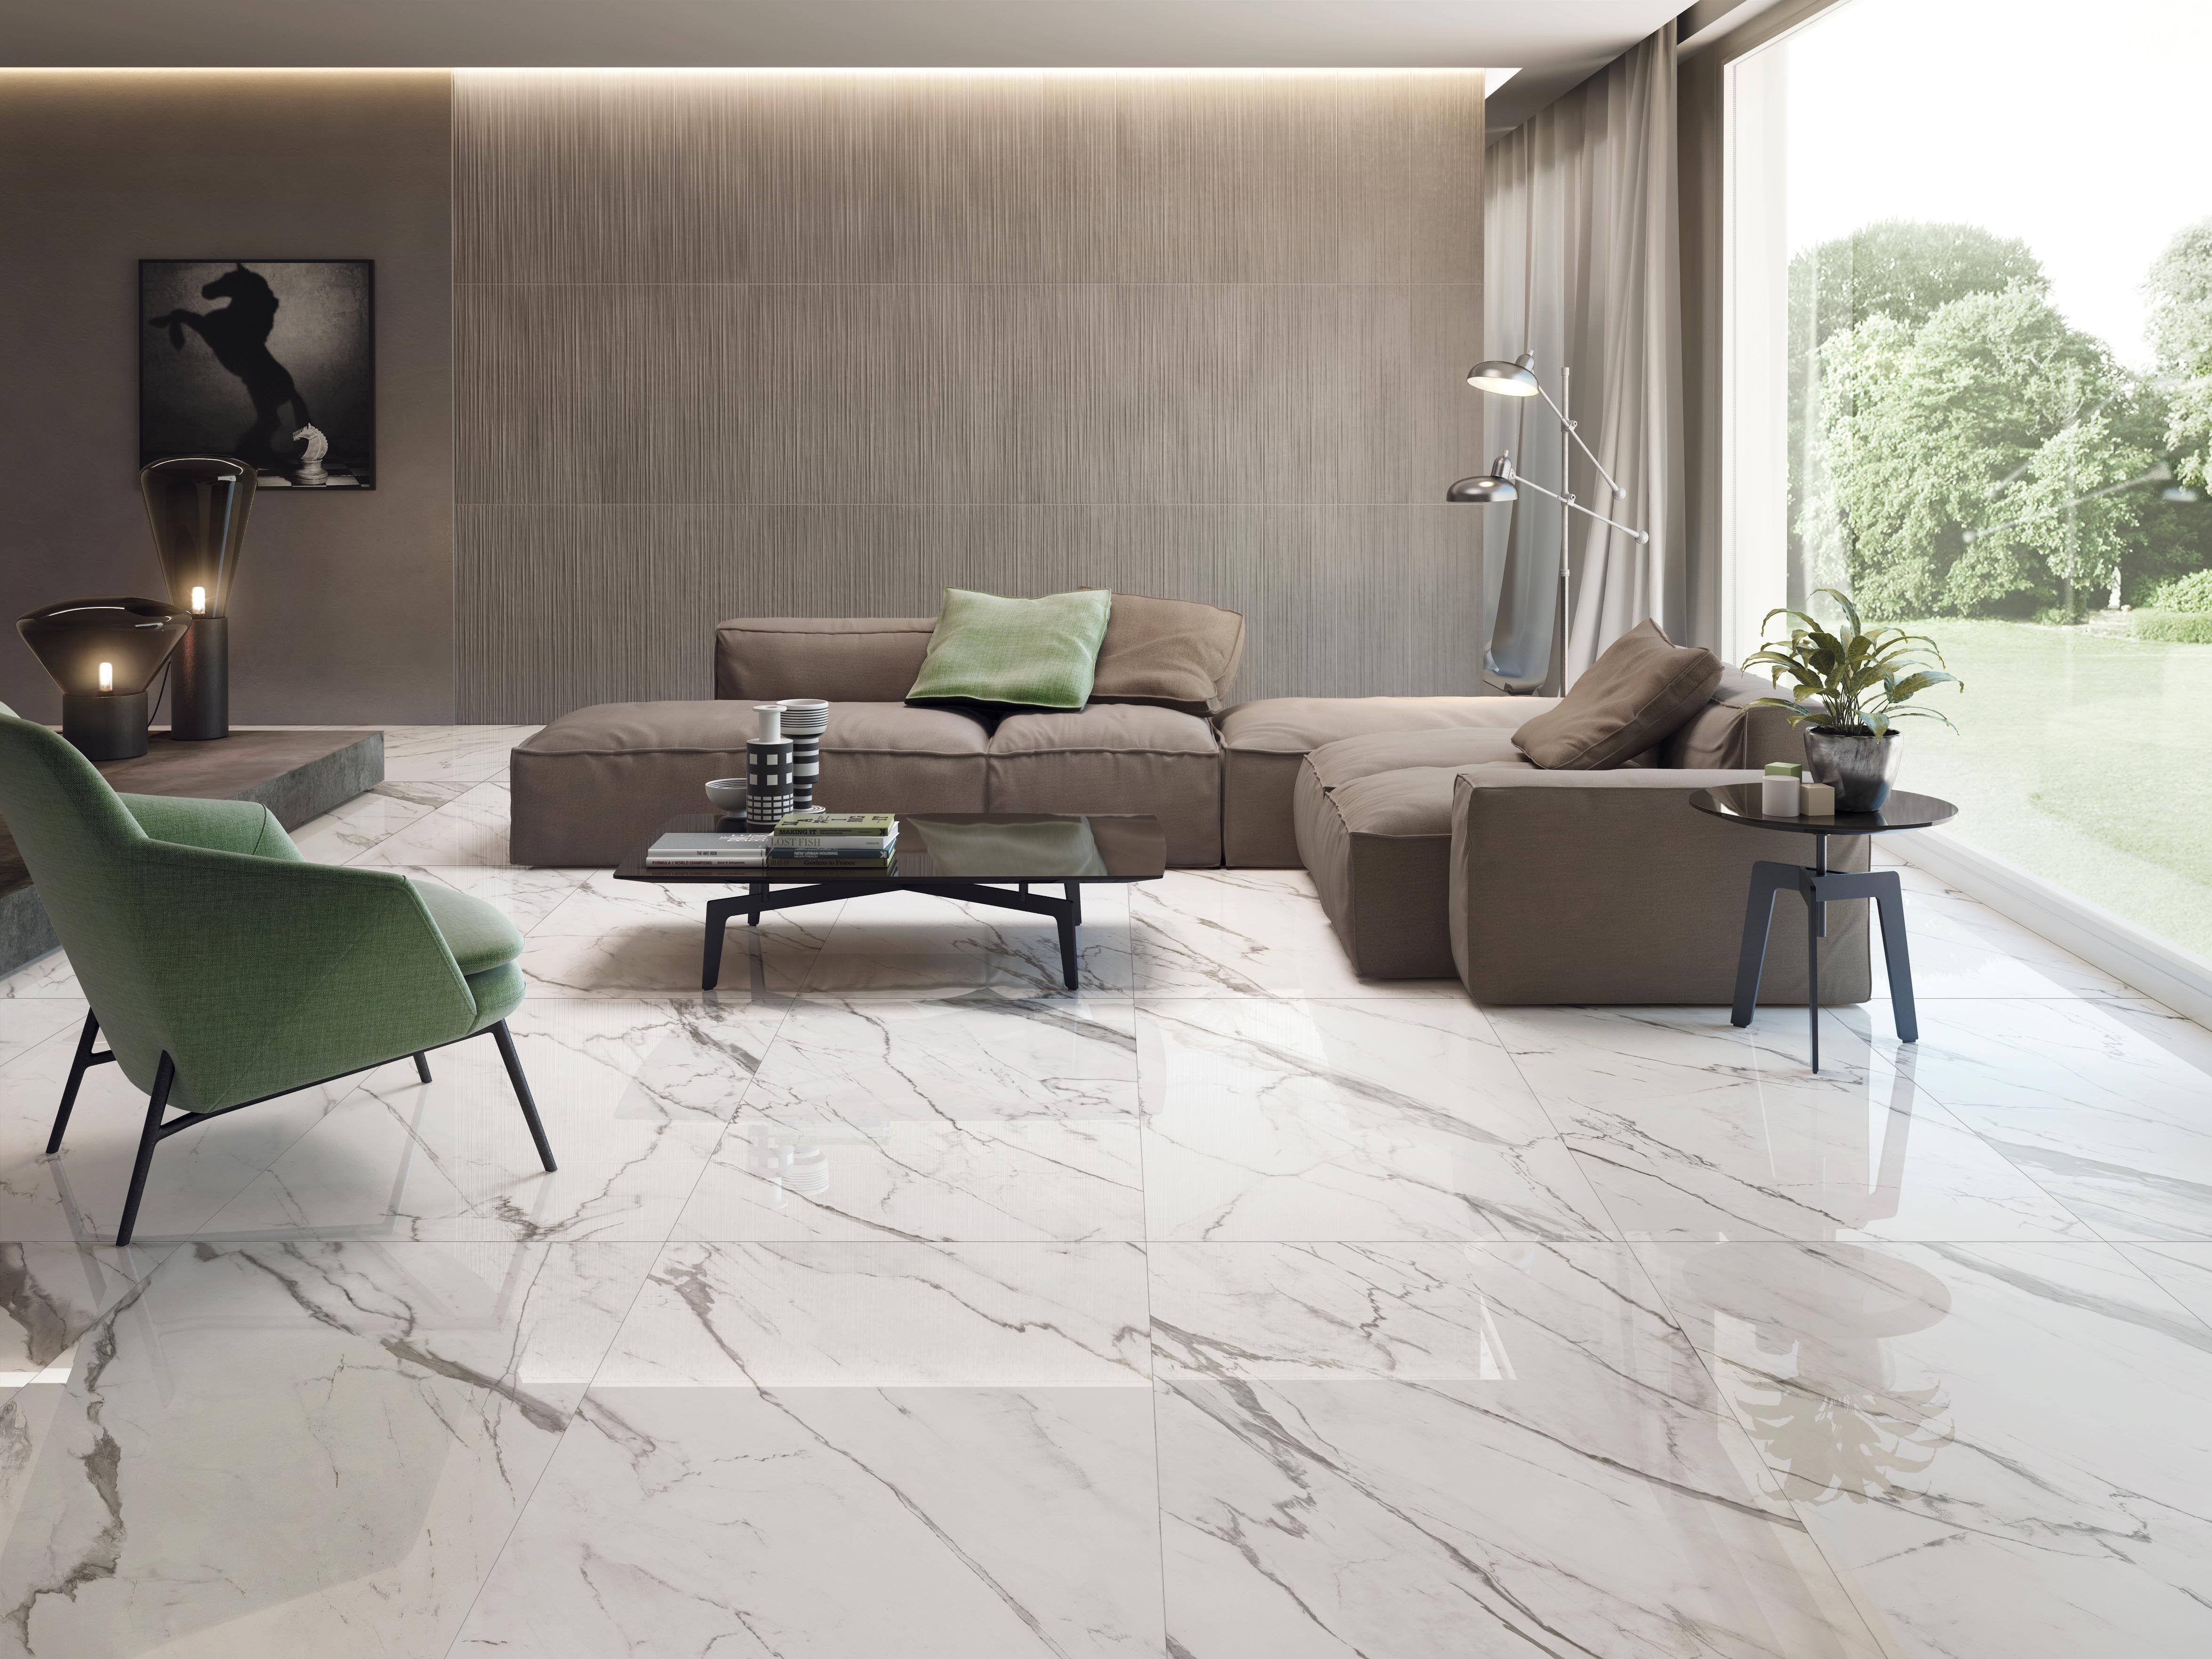 soggiorno effetto marmo in gres porcellanato marbleEffect